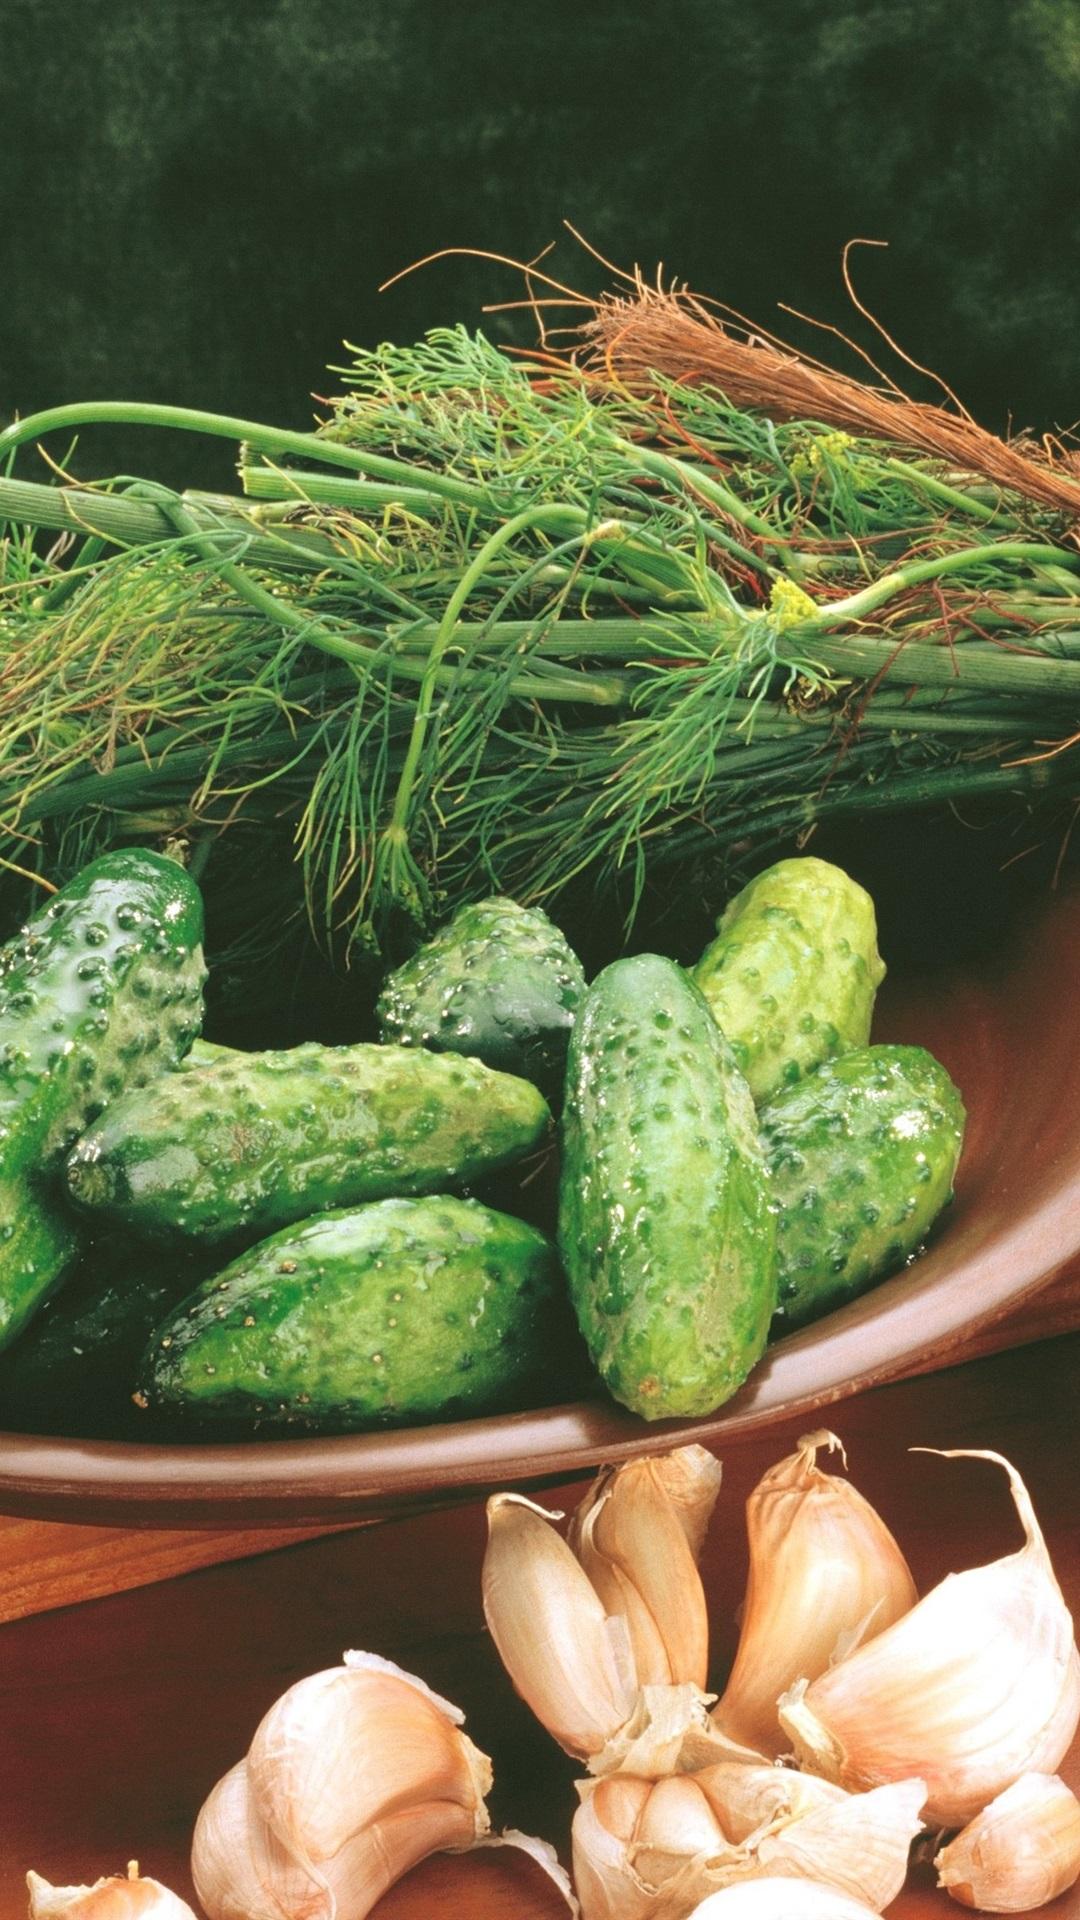 壁纸 黄瓜,大蒜,蔬菜 3840x2160 UHD 4K 高清壁纸, 图片, 照片